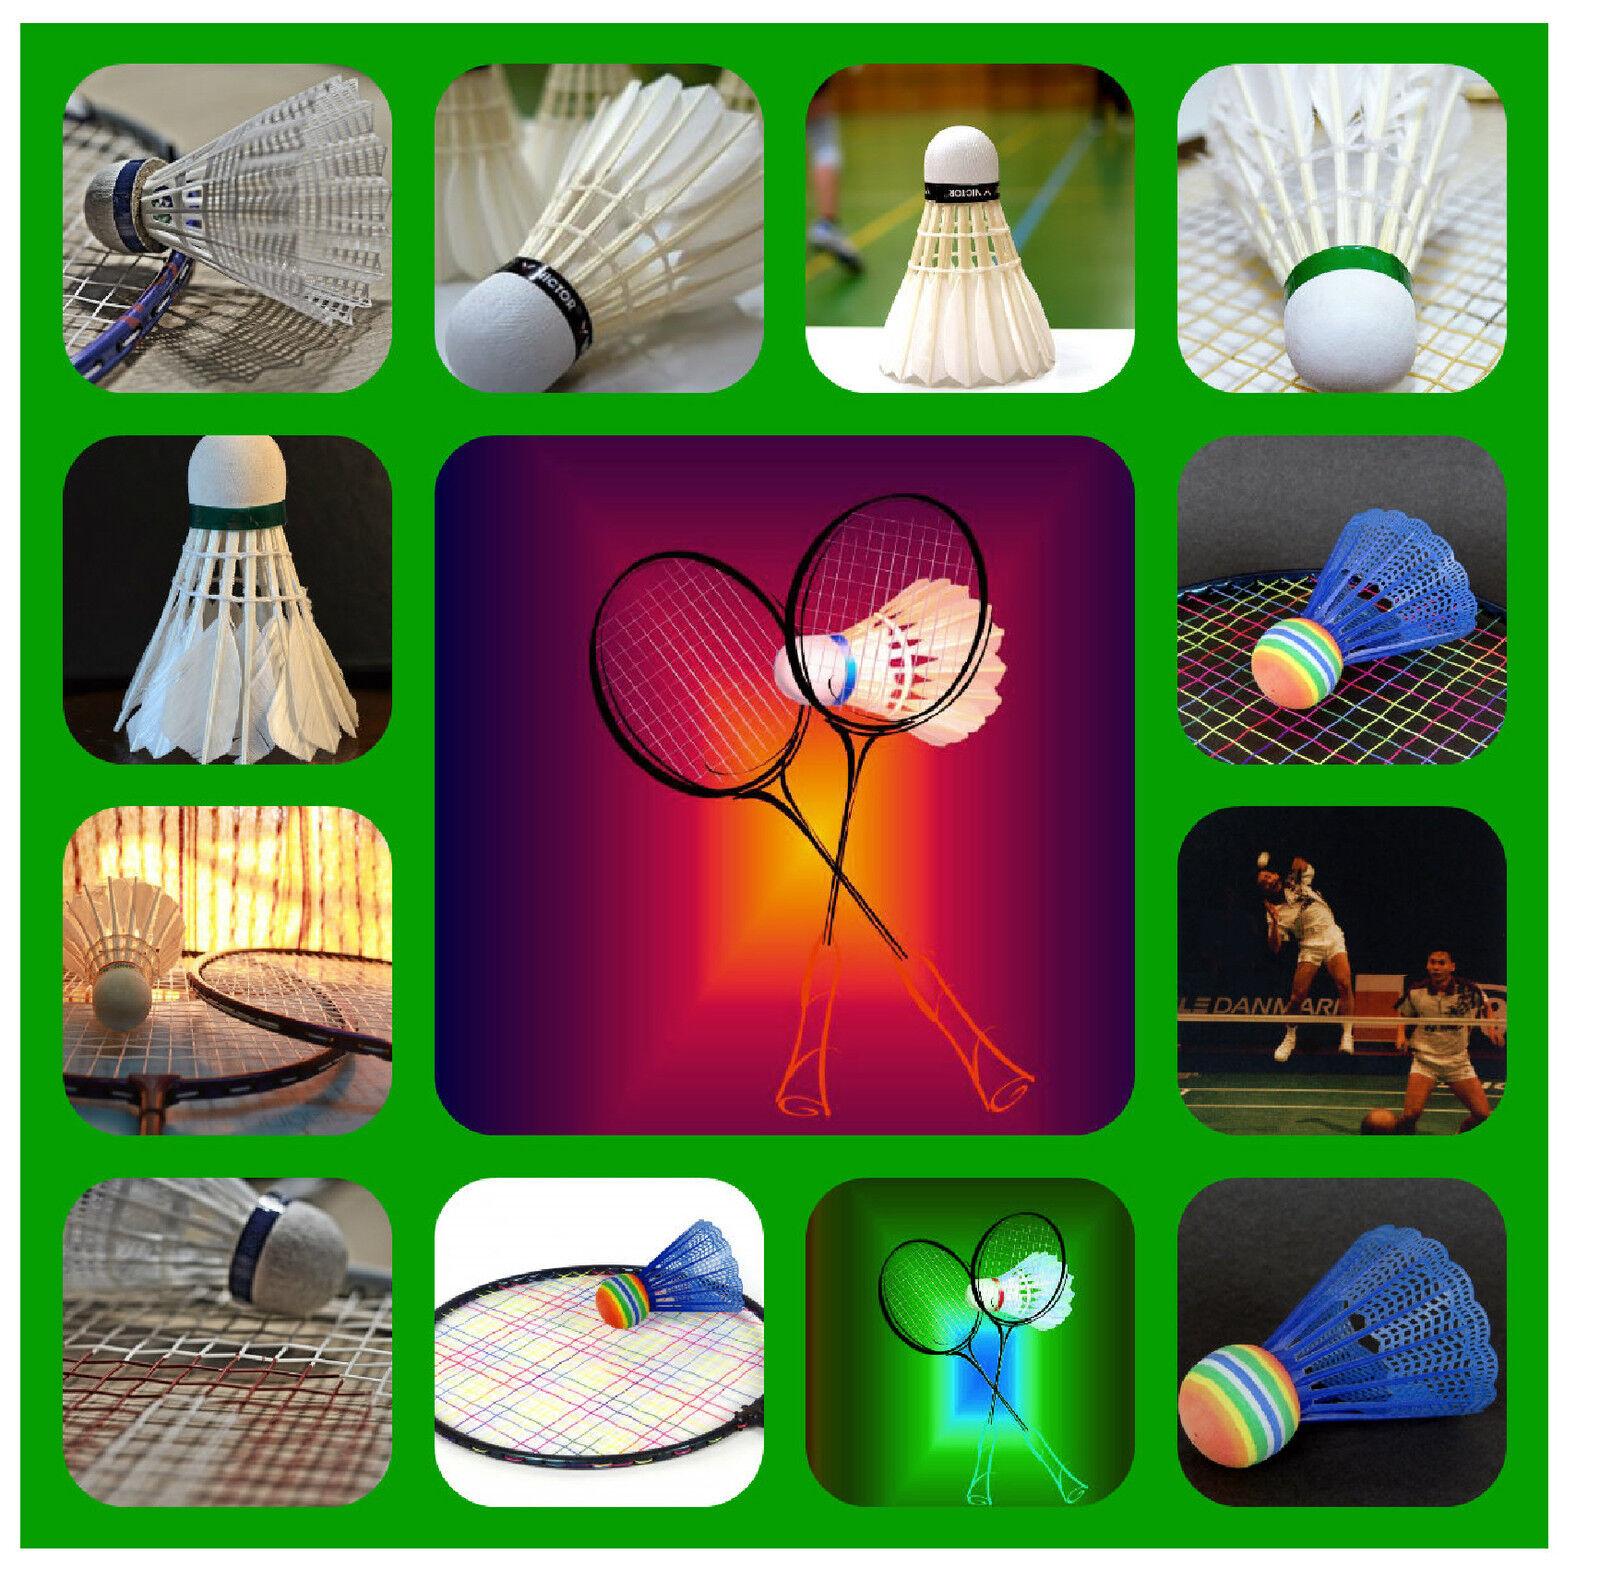 Badminton-souvenir Nouveauté facile sous-verres - facile Nouveauté à nettoyer-Nouveau-Cadeau / Noël / B / jour e42611